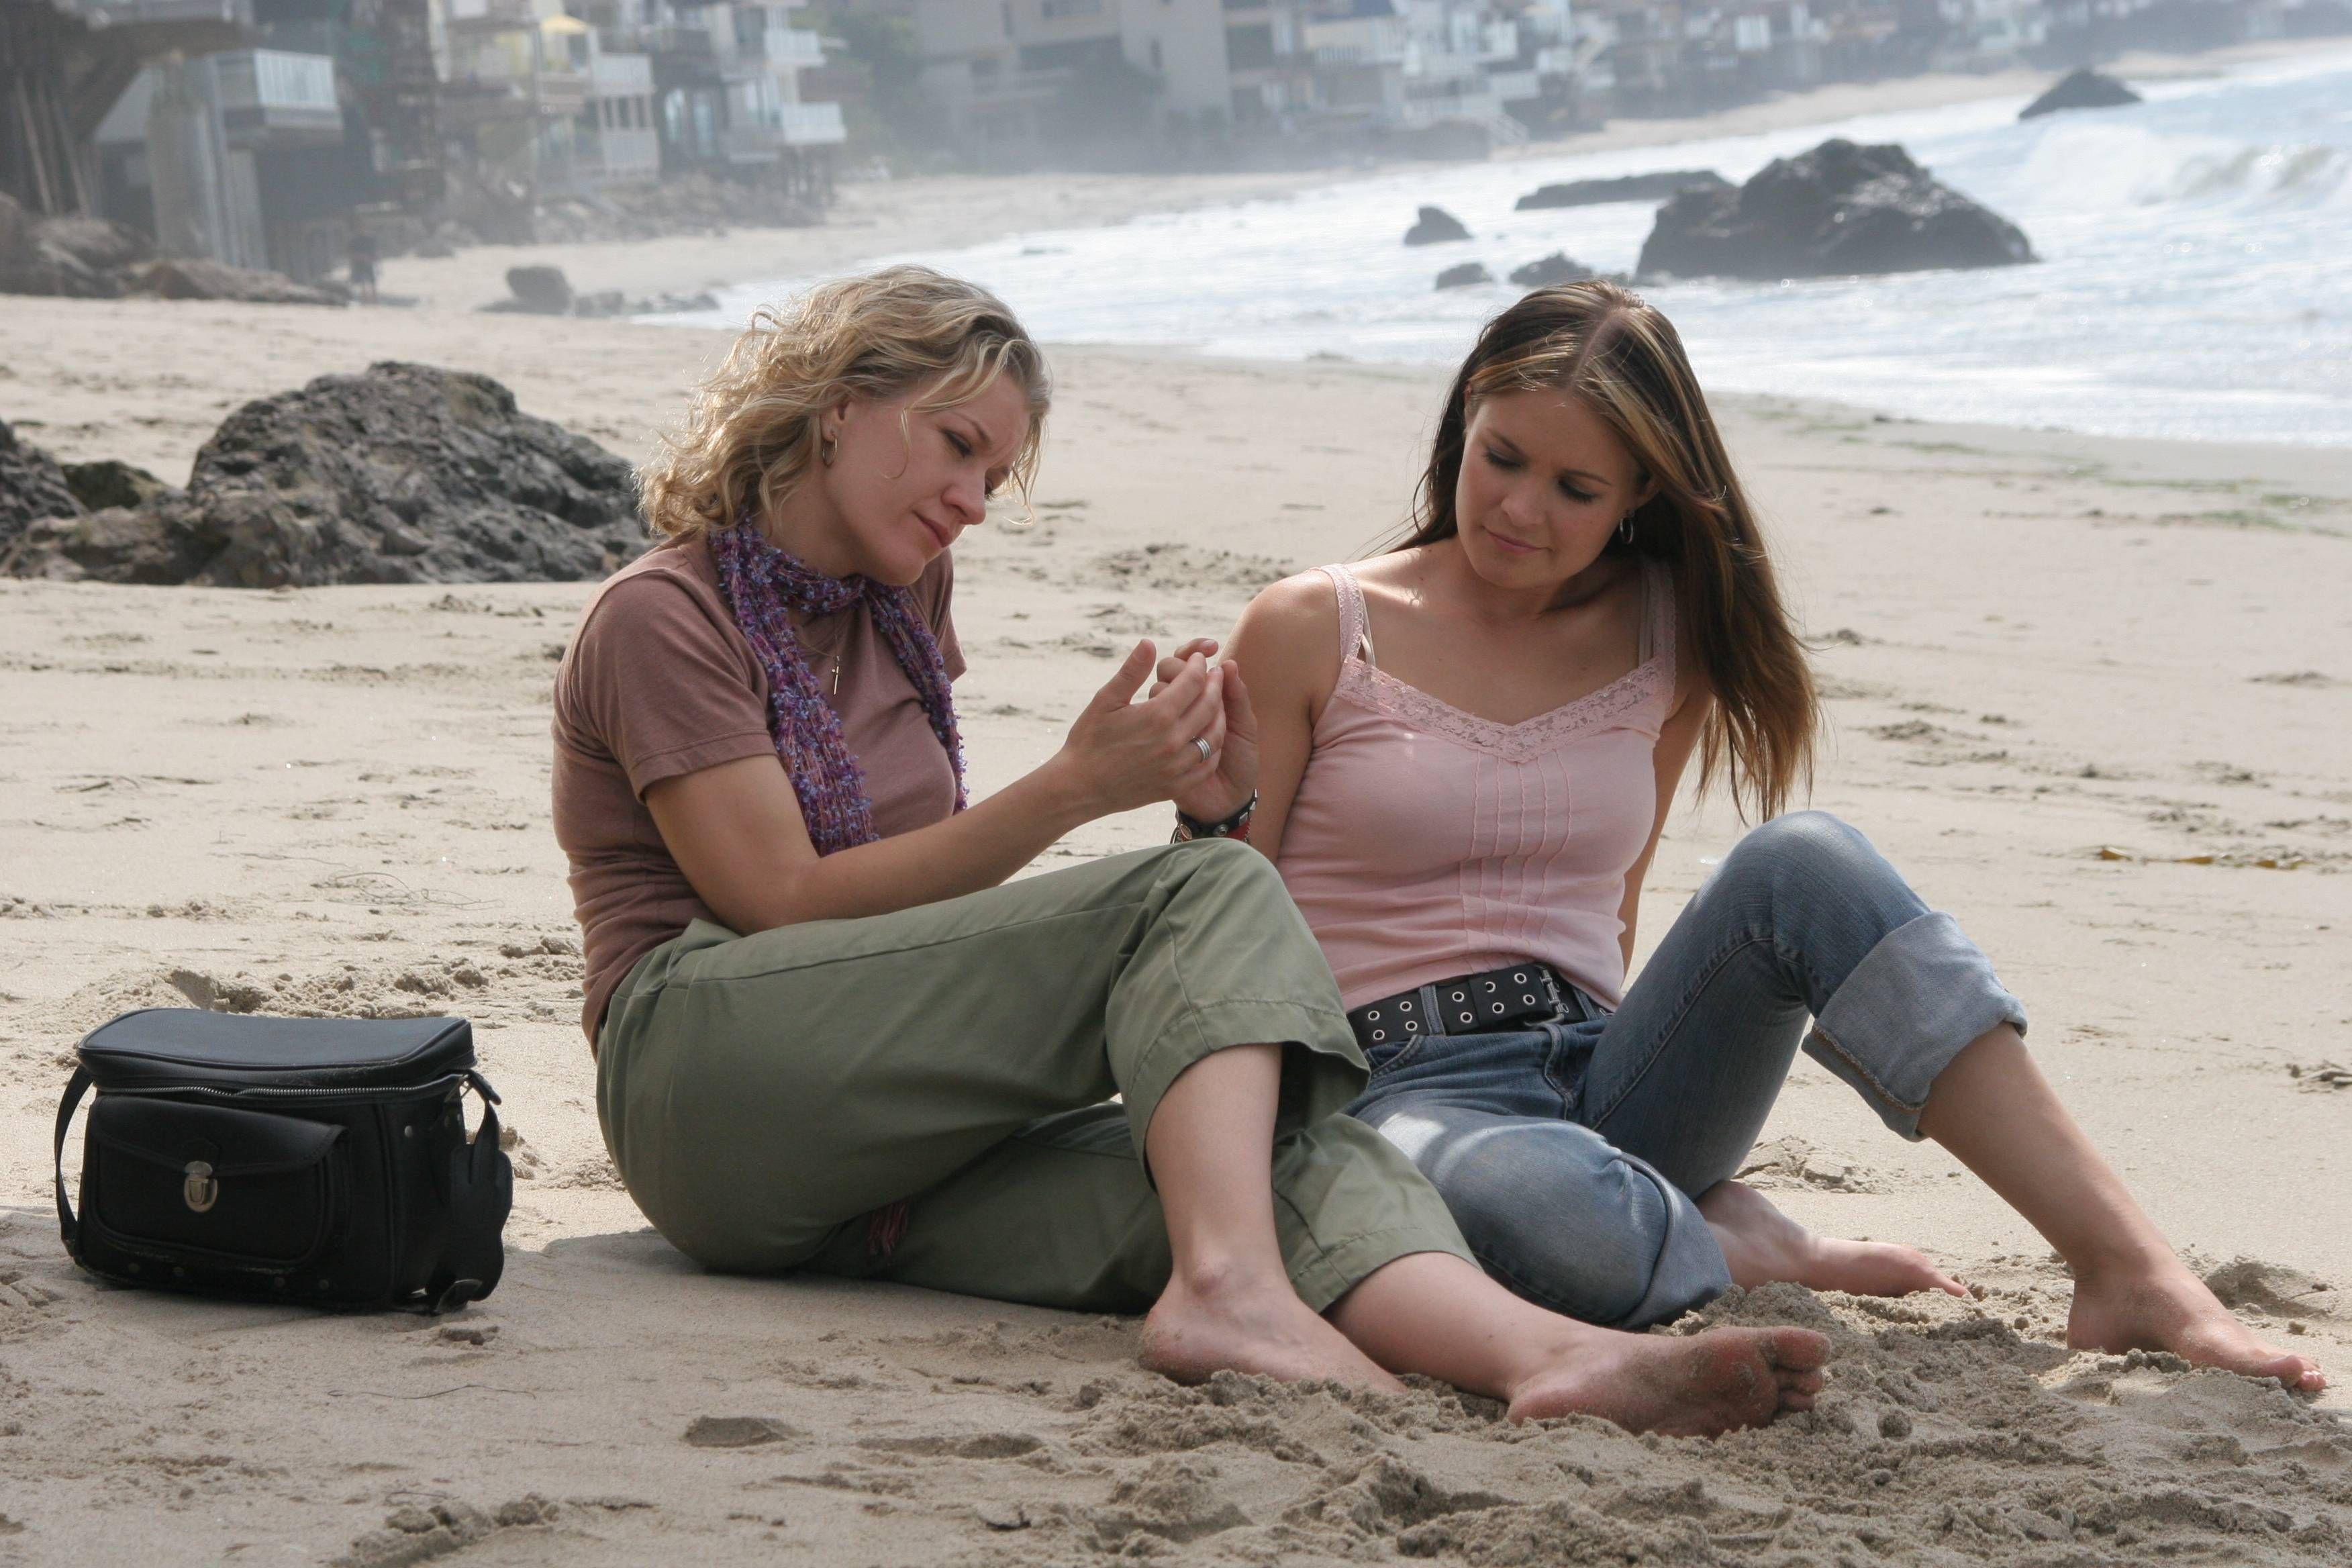 Смотреть фильм о лесбиянках онлайн иногда могут